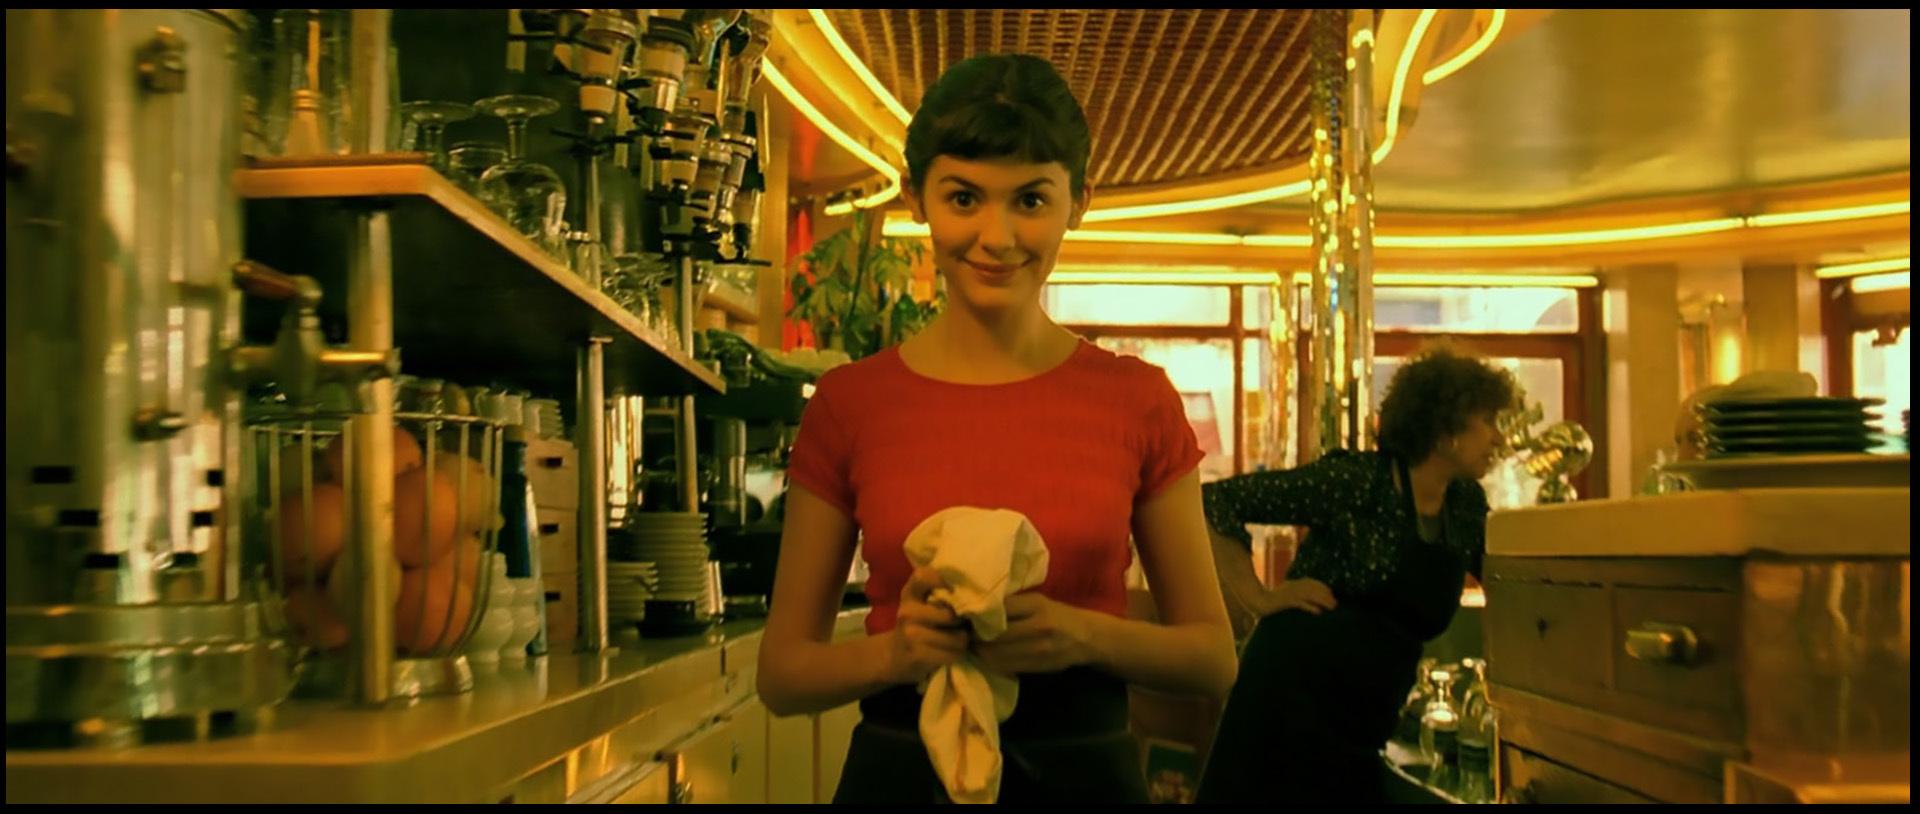 Claire Maurier and Audrey Tautou in Le fabuleux destin d'Amélie Poulain (2001)